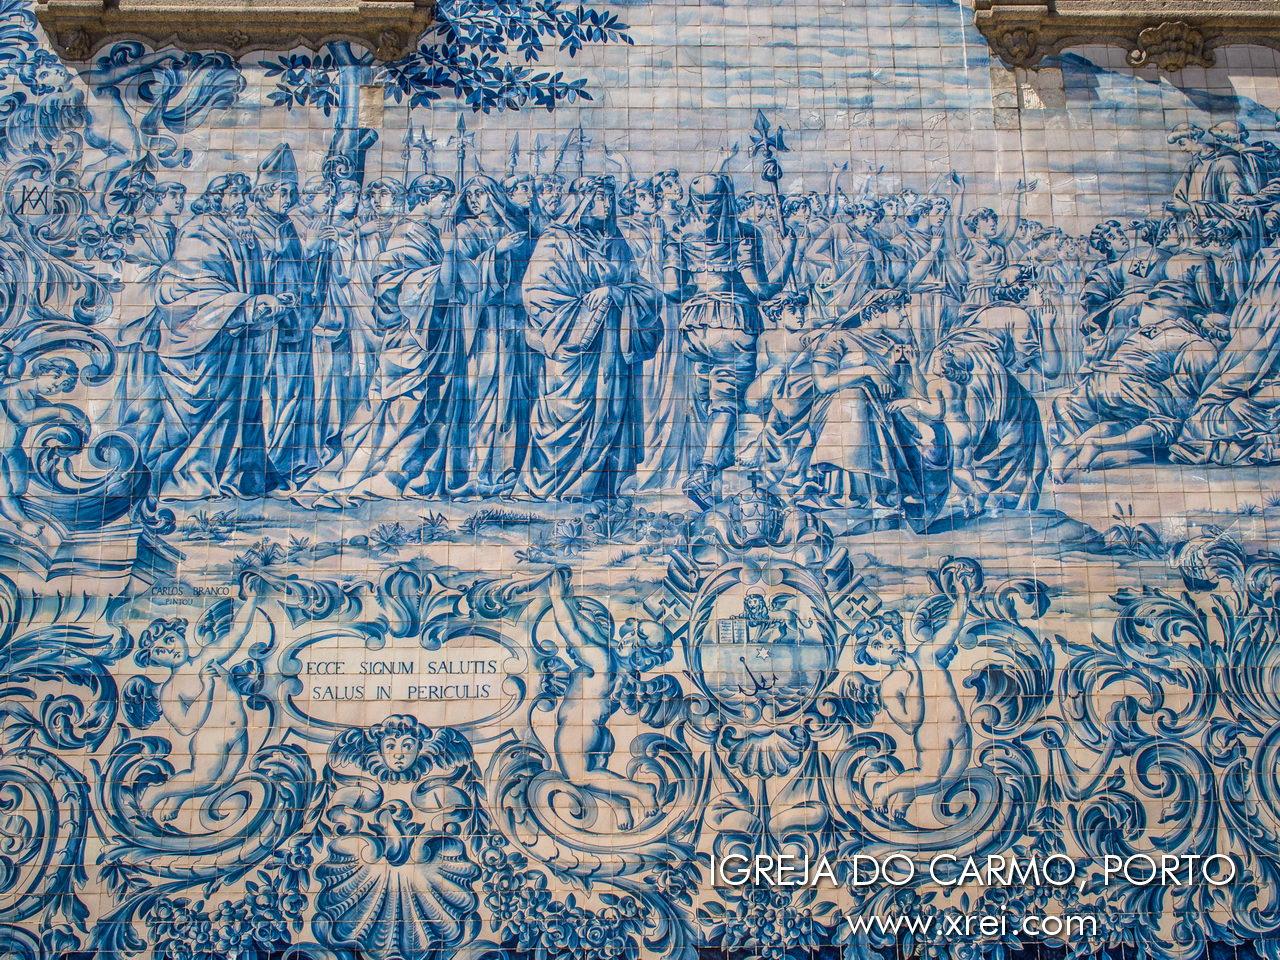 Panel de azulejos de la iglesia del Carmo con escenas que representan la fundación de la Orden Carmelita y el Monte Carmelo.